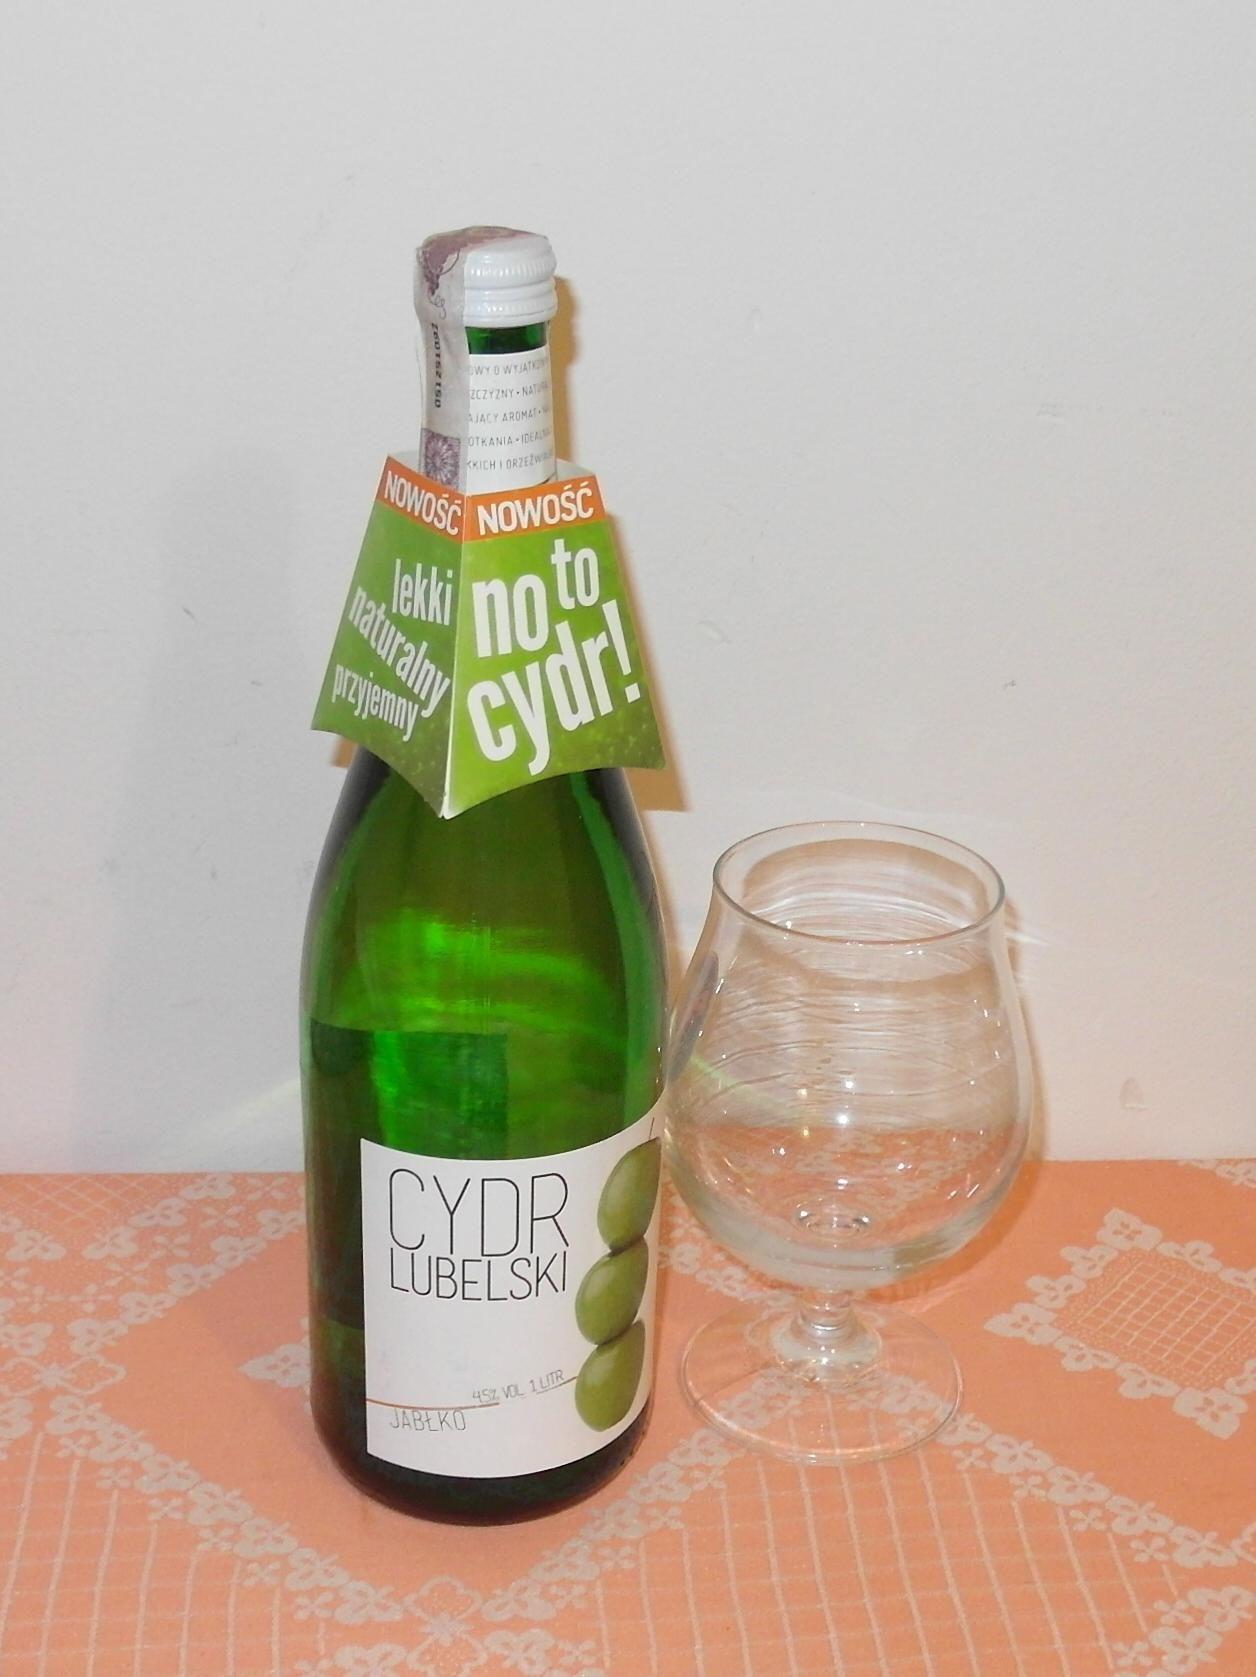 Patriotyczny szampan zastępczy ;-)